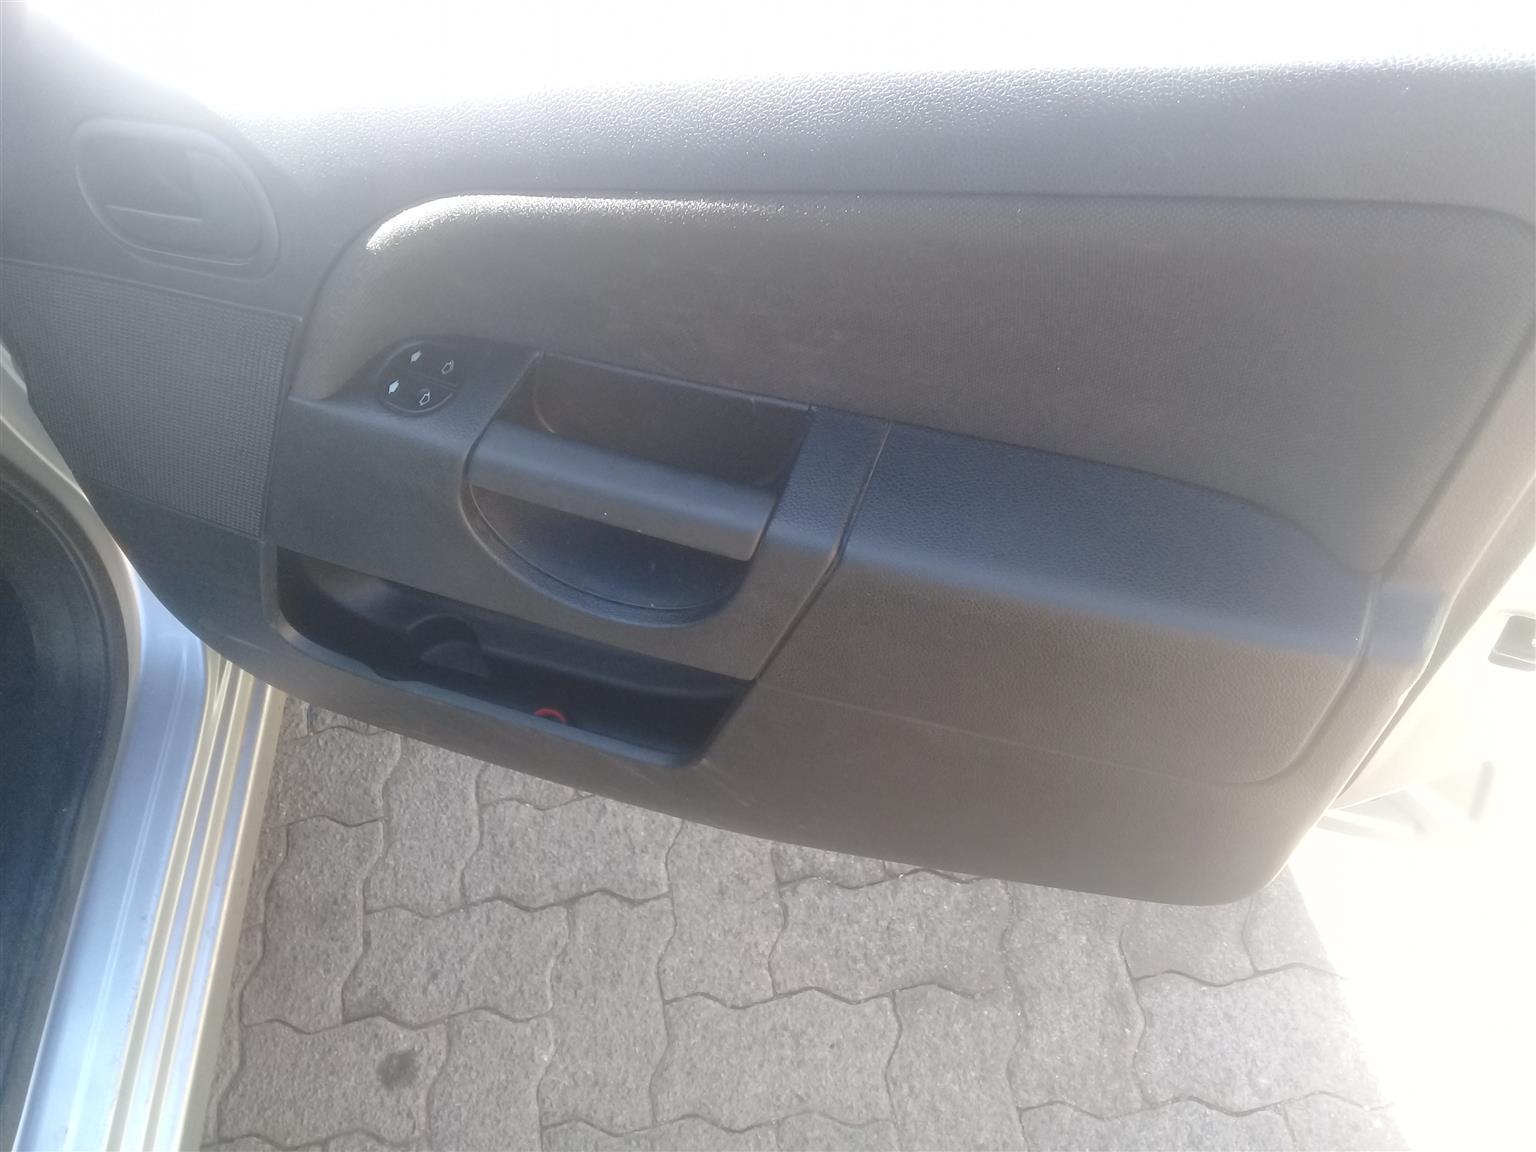 2007 Ford Fiesta 1.6TDCi 5 door Ambiente